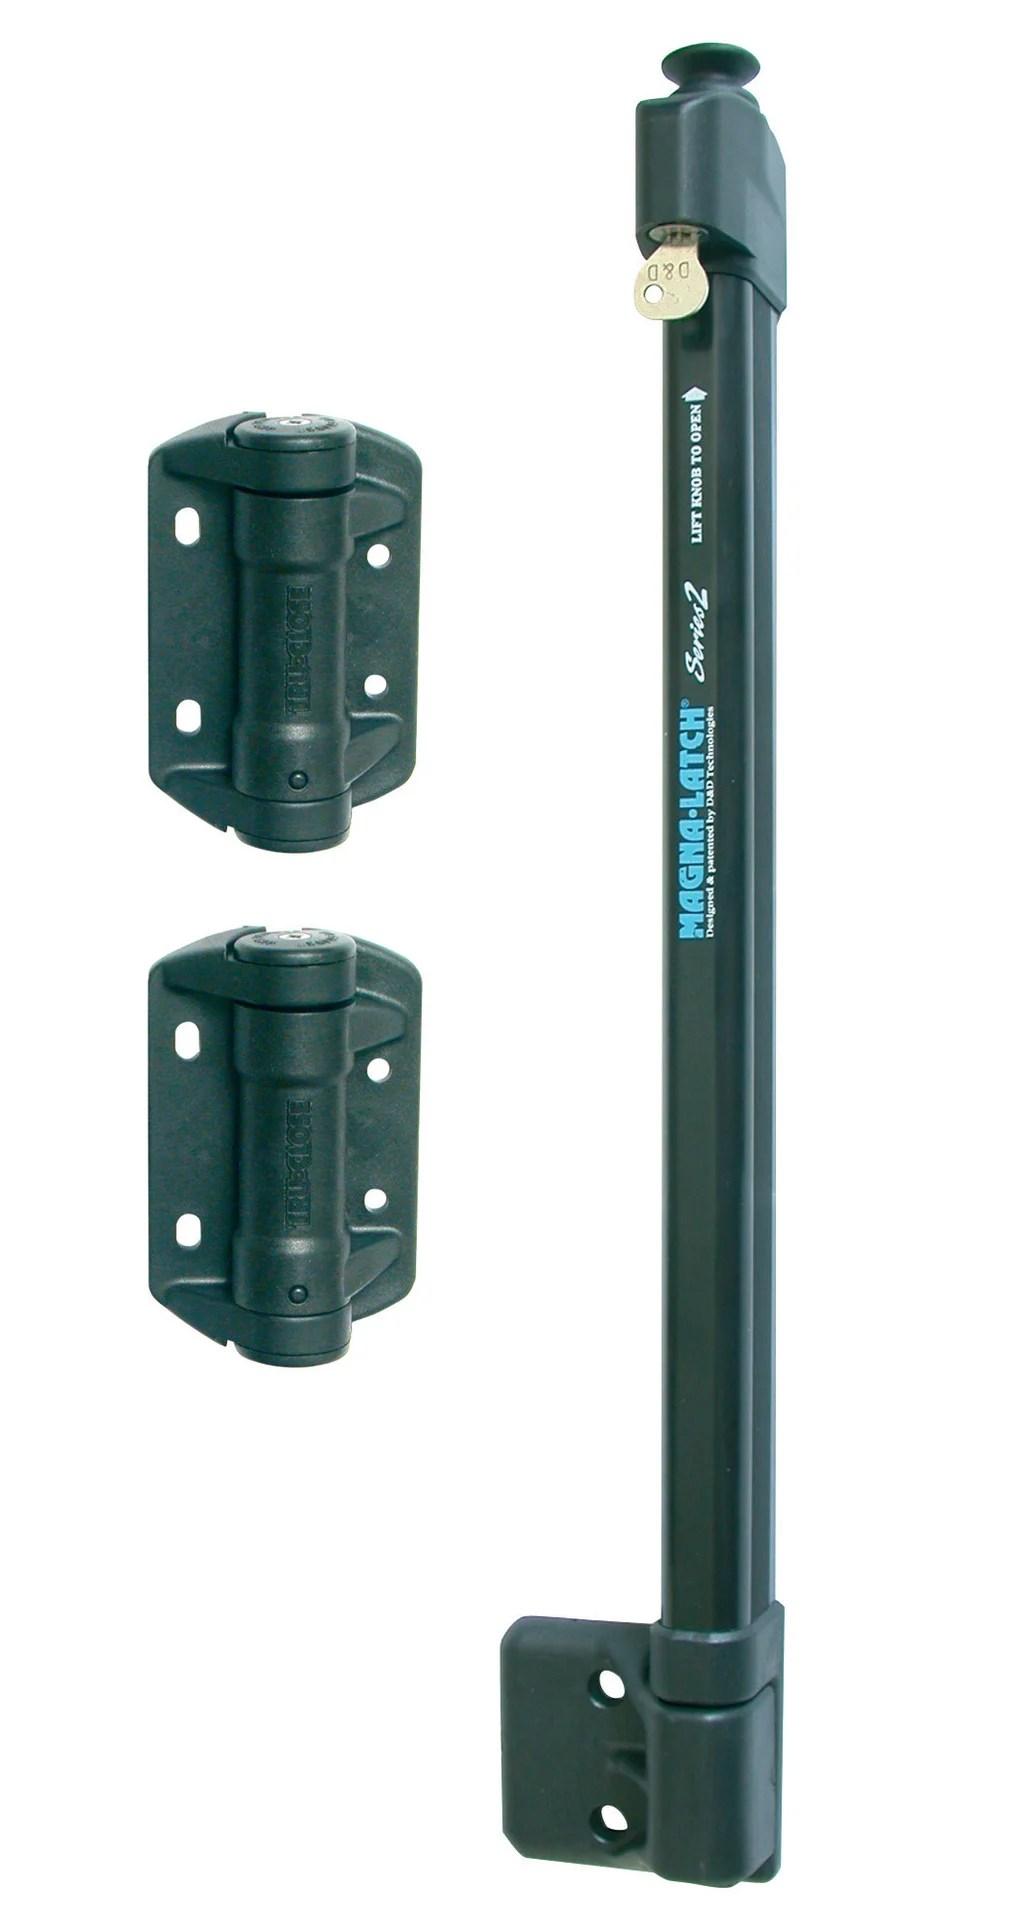 Kit De Verrou Magnetique Magna Latch Series 2 Pour Securiser La Zone De Piscine Leroy Merlin